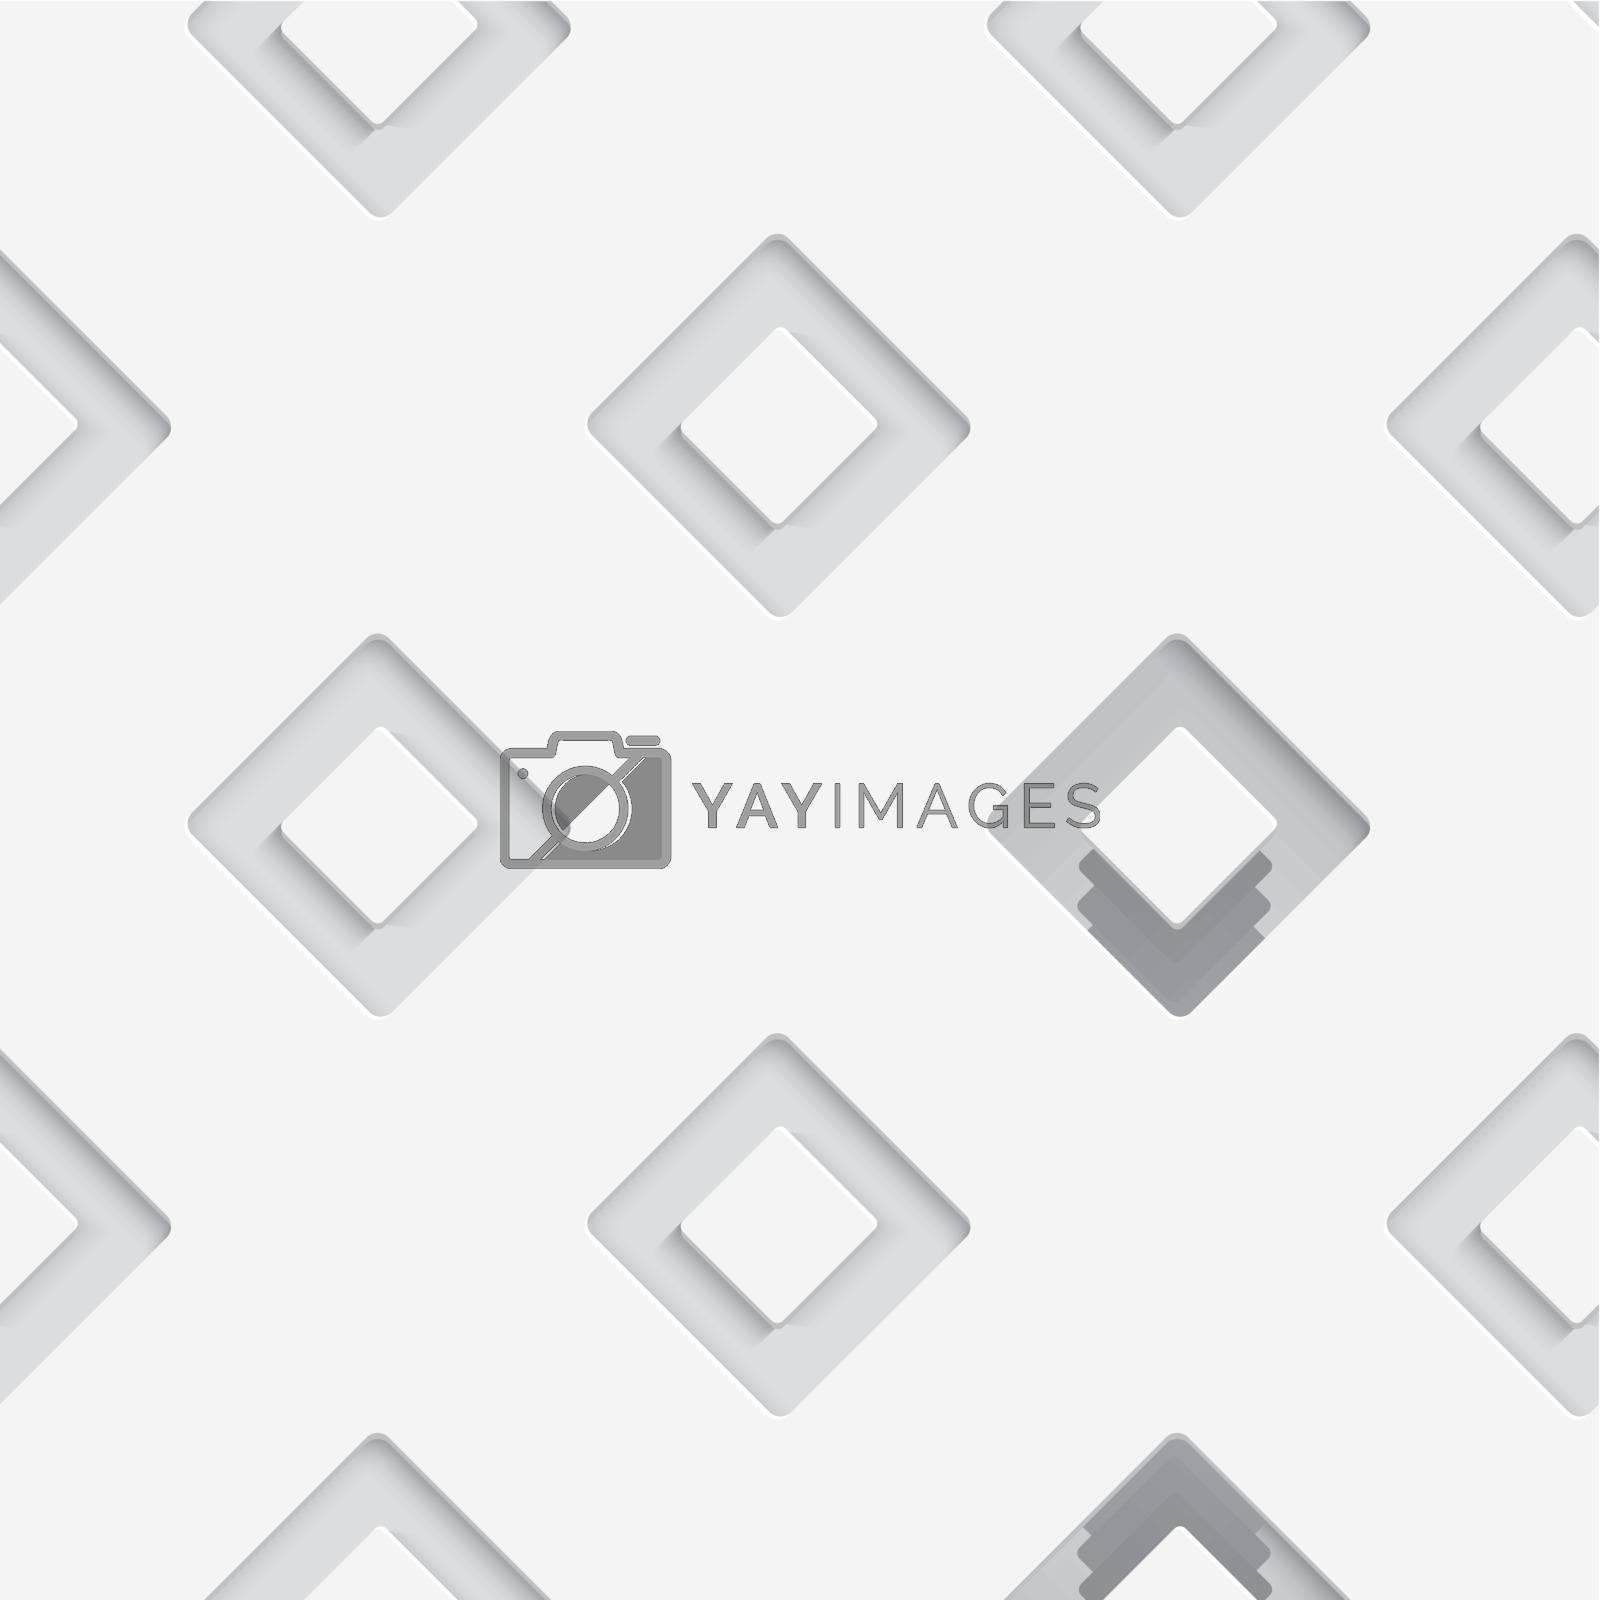 Seamless white diagonal square by Zebra-Finch